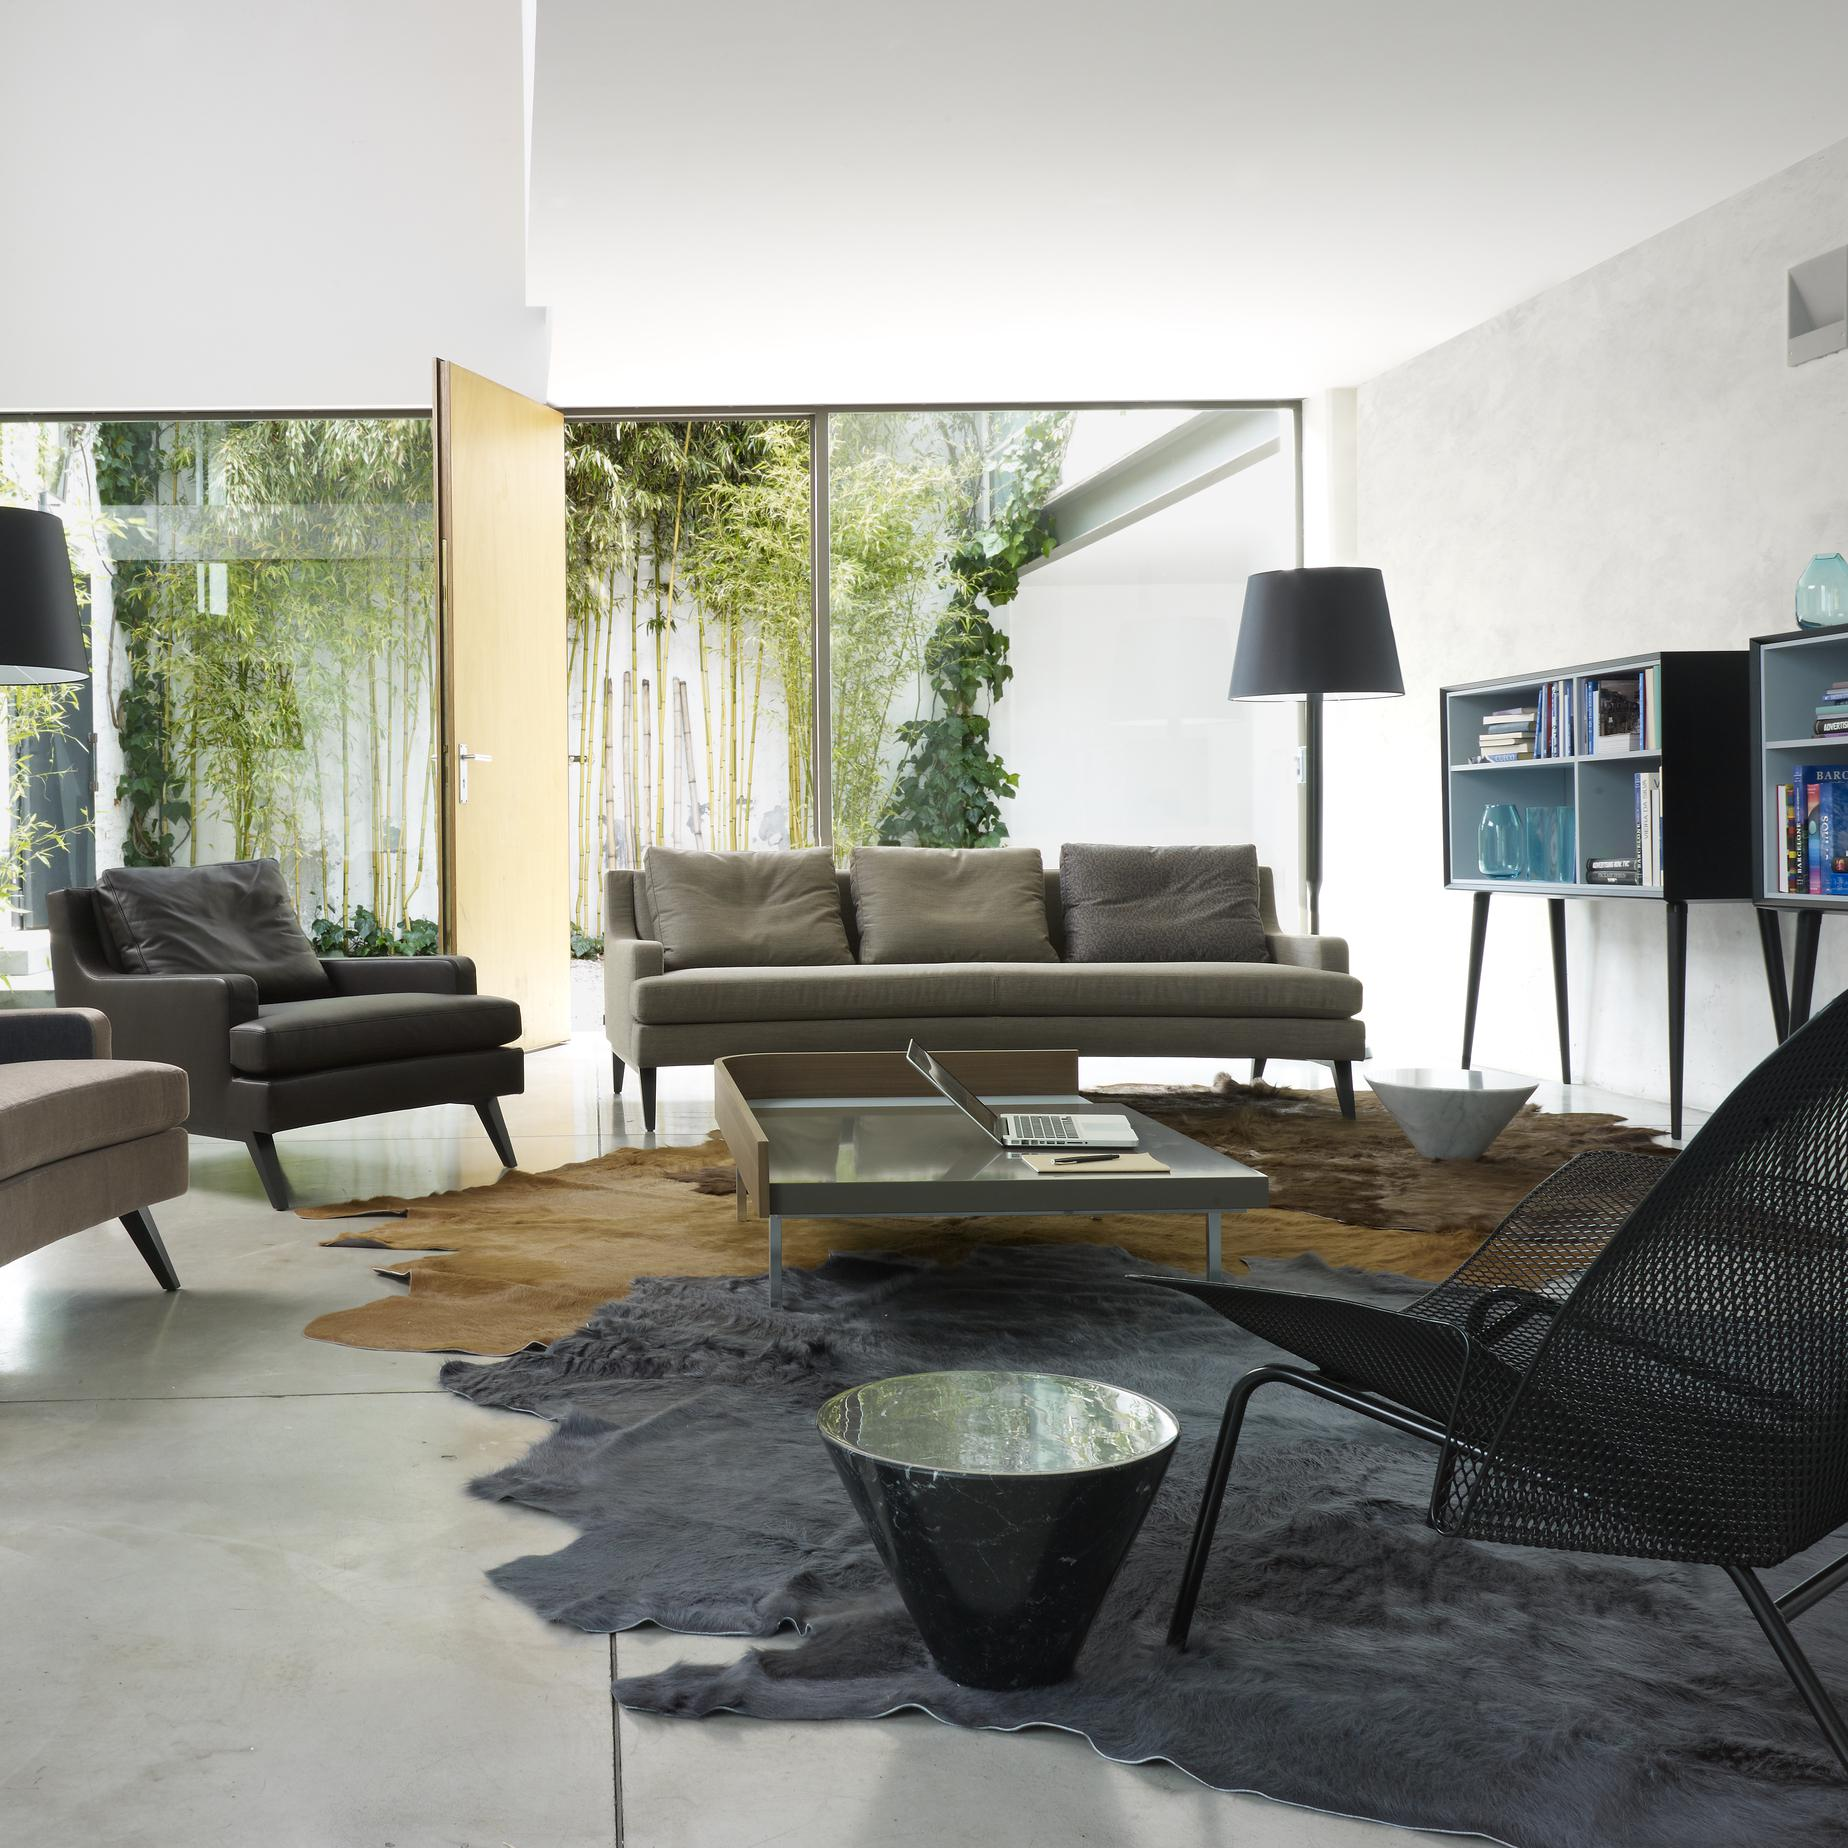 belem upholstery from designer didier gomez ligne roset official site. Black Bedroom Furniture Sets. Home Design Ideas